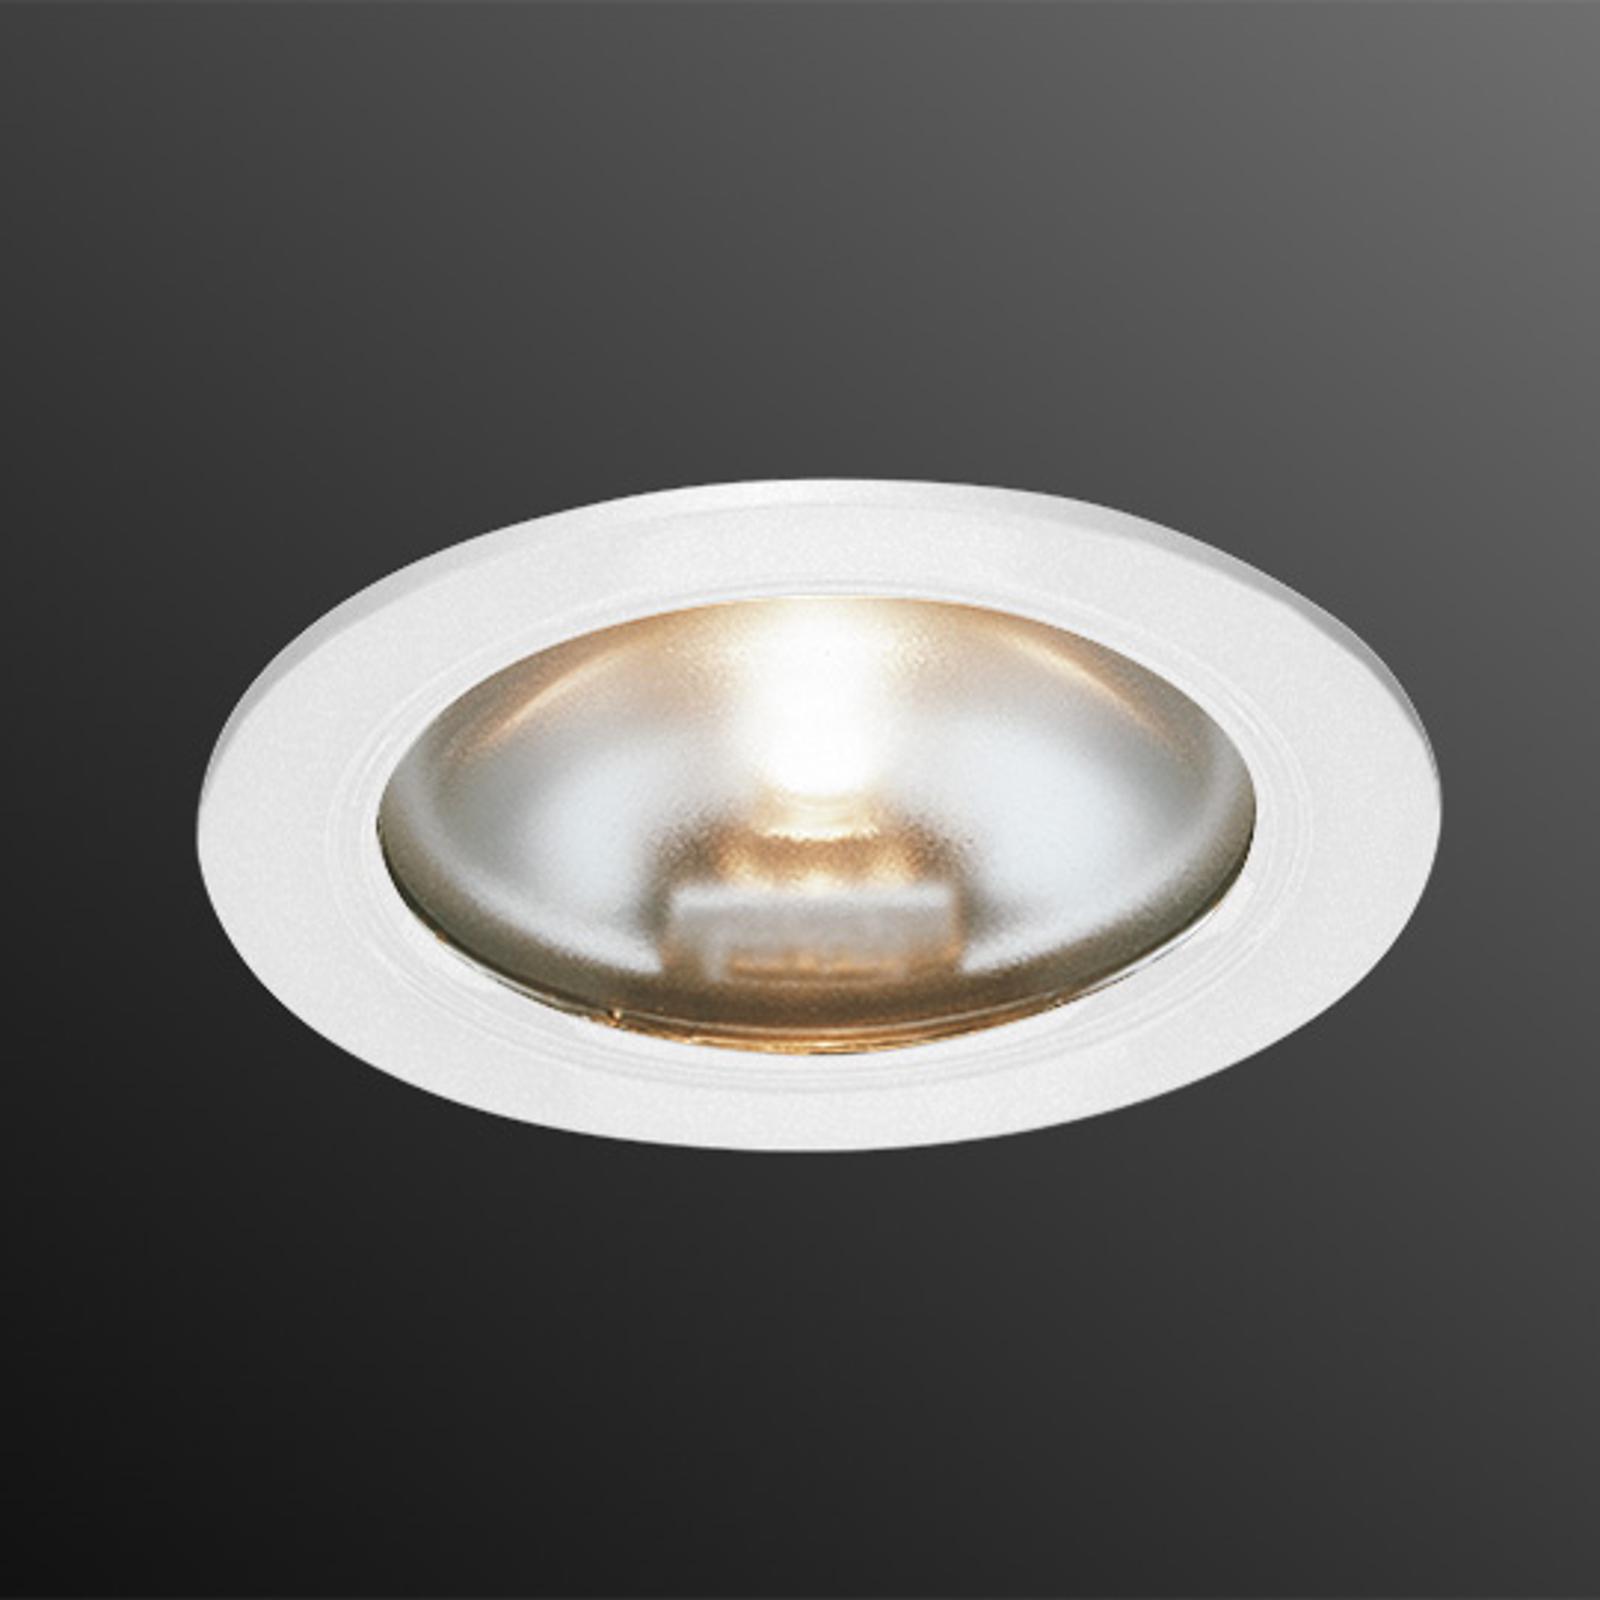 Produktové foto HERA KB 12 halogenové podhledové světlo, bílé